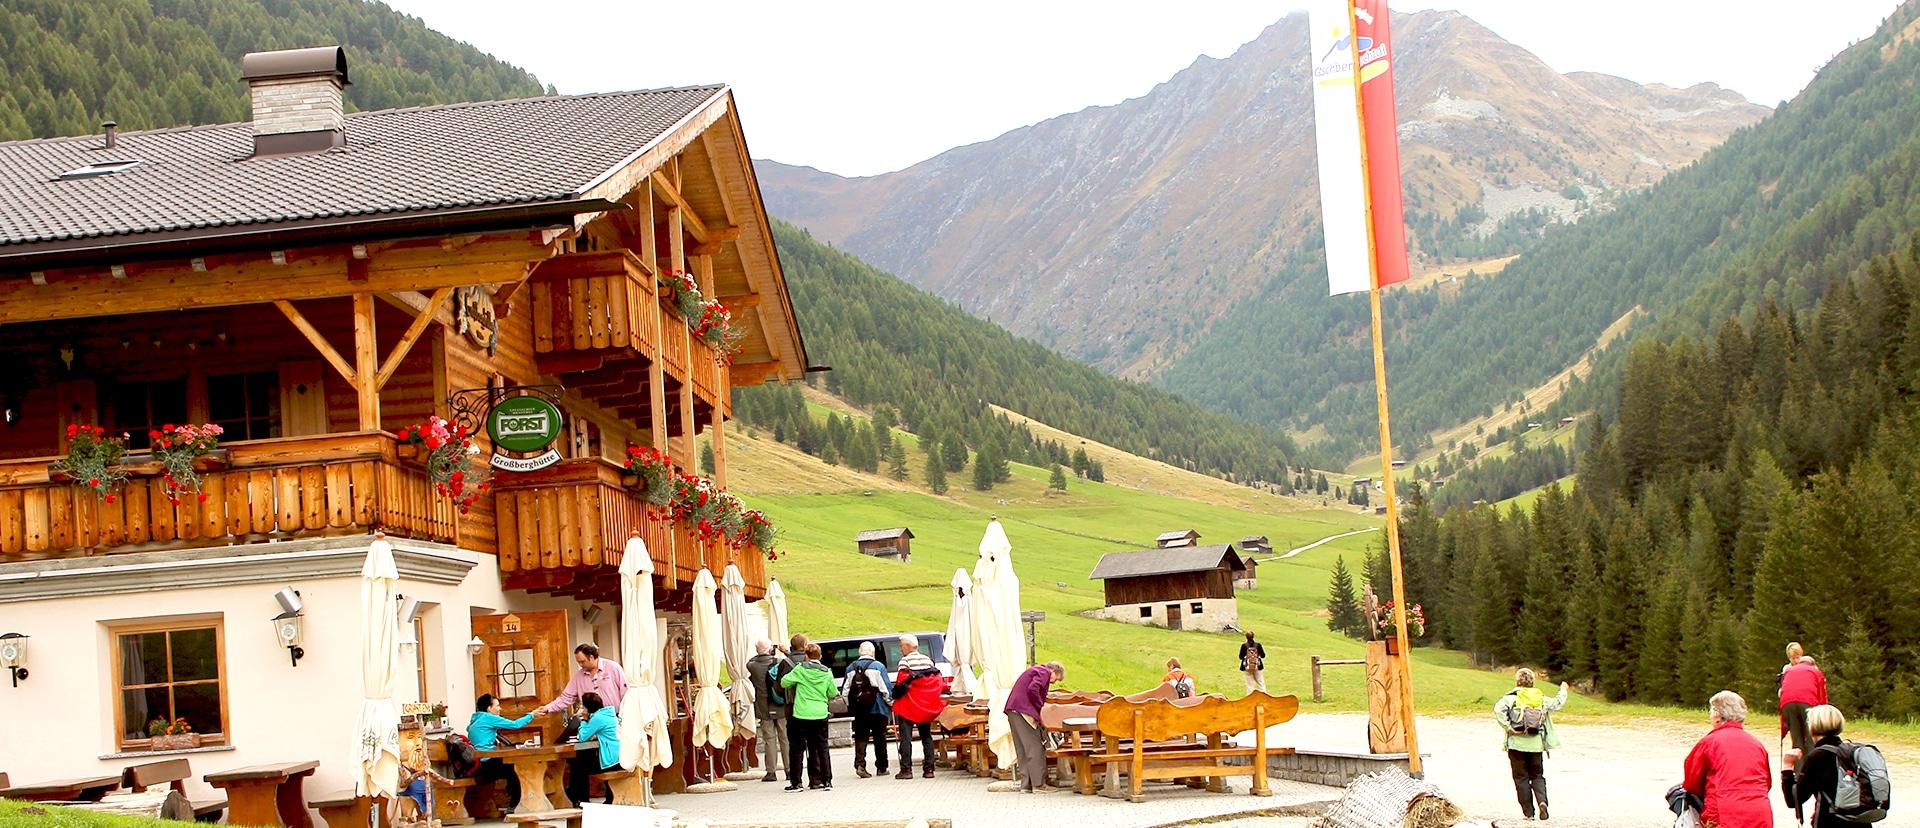 Altfasstal_Almen in Südtirol - Meransen